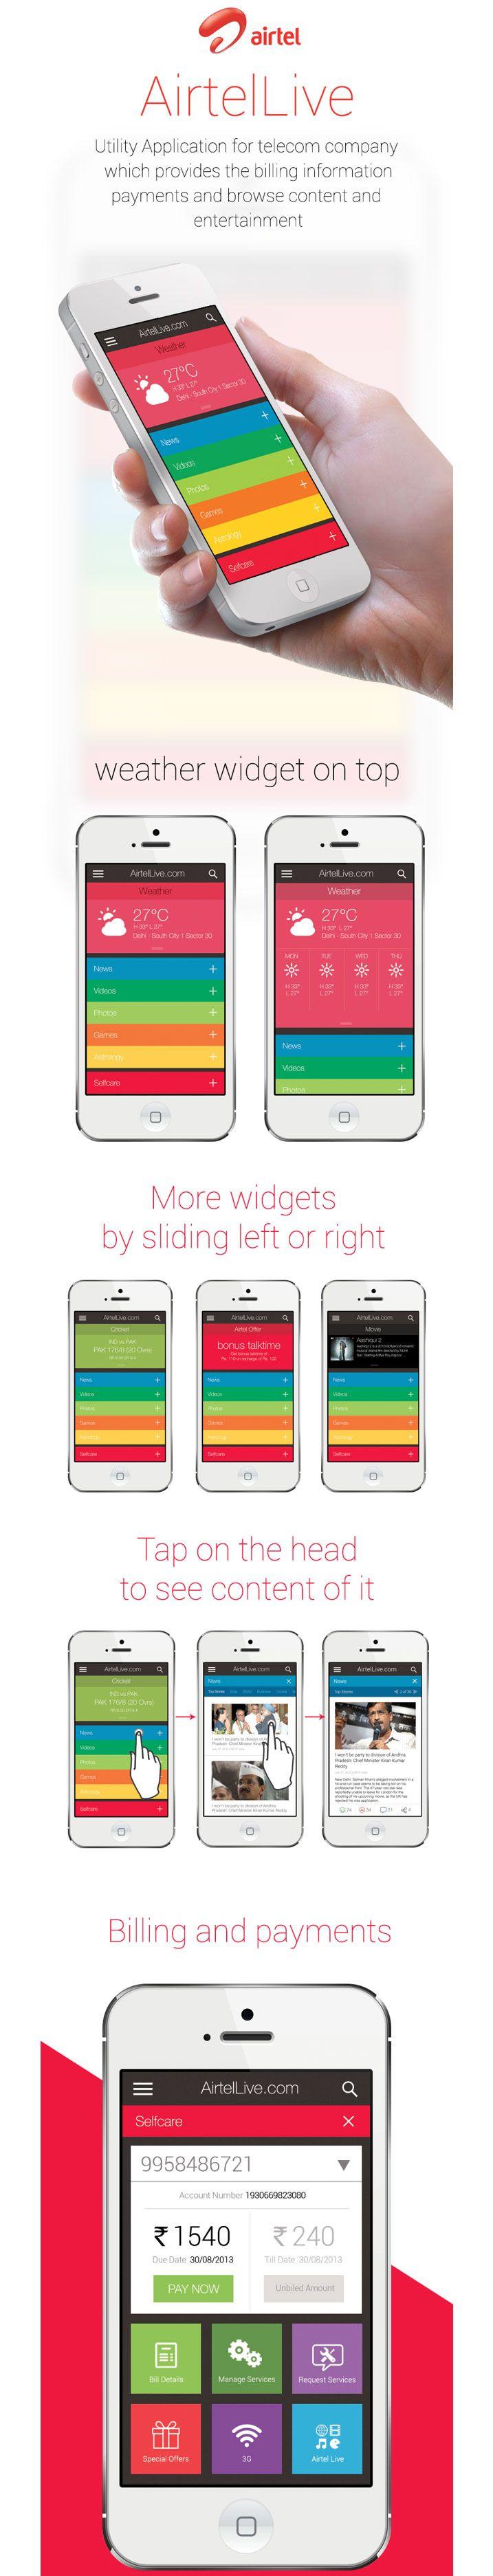 Daily Mobile UI Design Inspiration #163